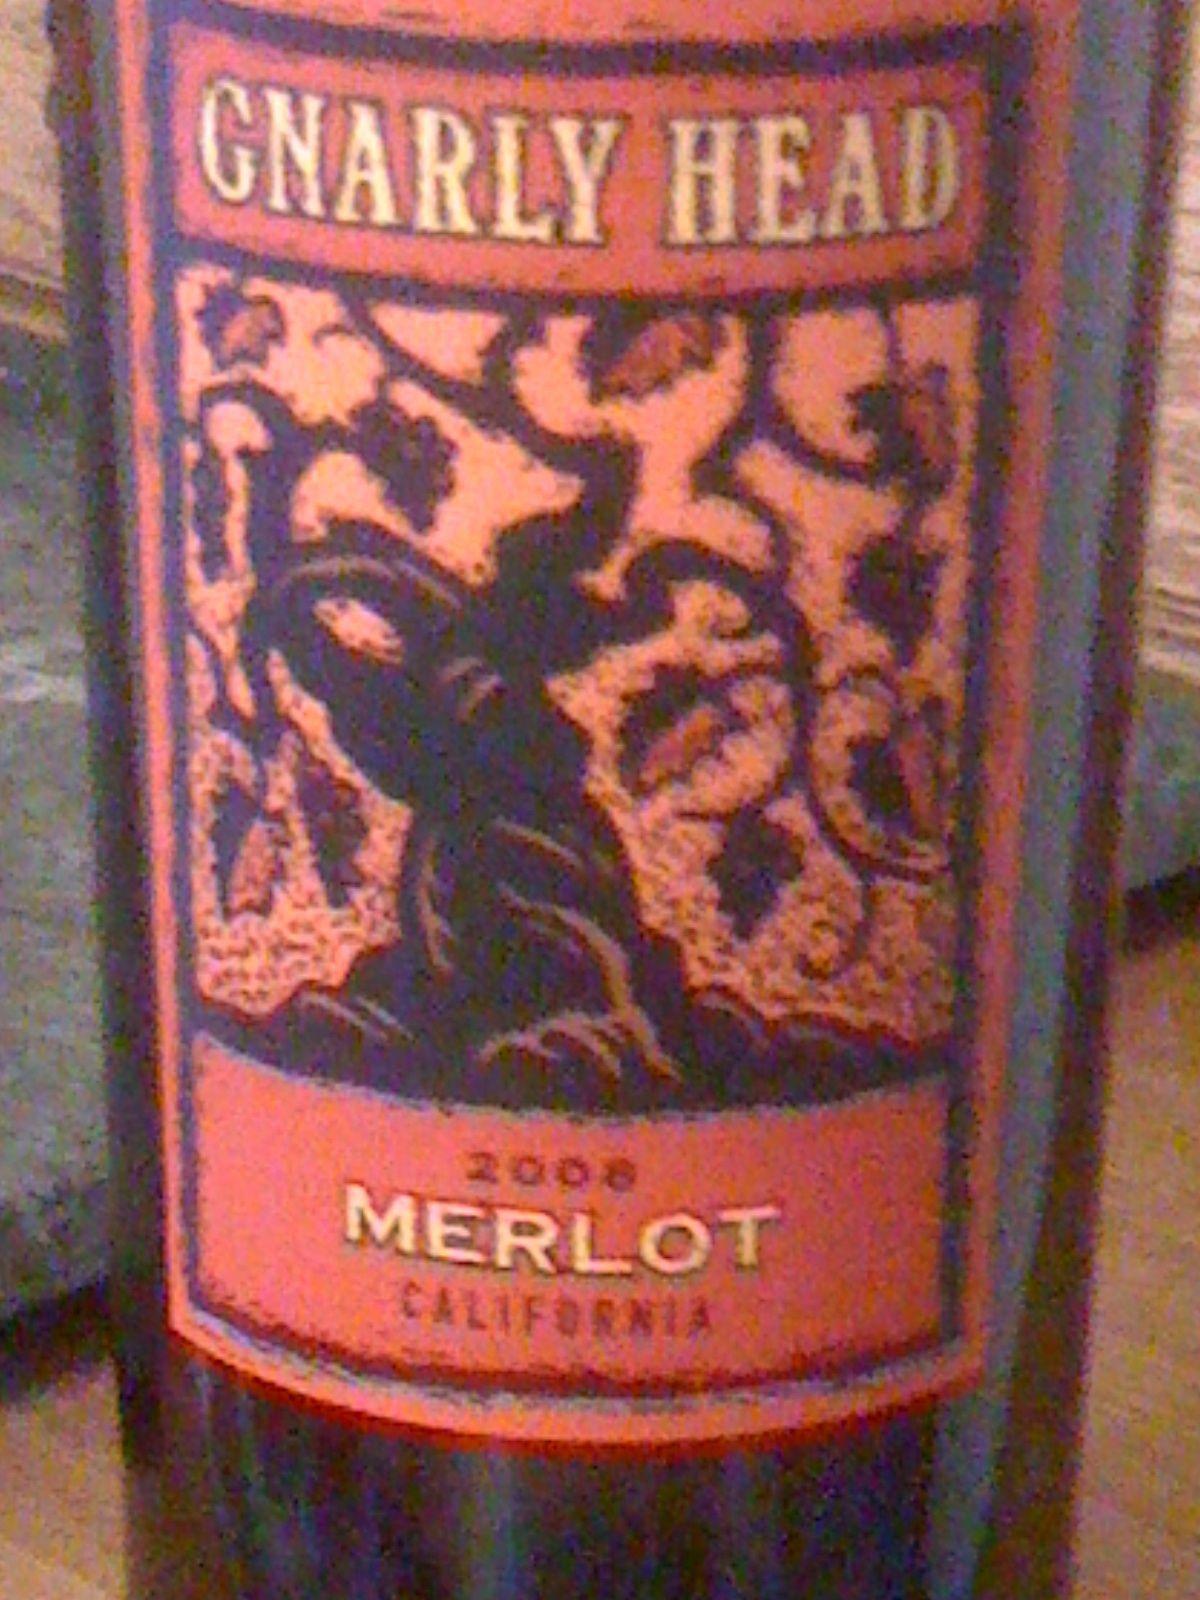 Gnarly Head Merlot Bottle Merlot Gnarly